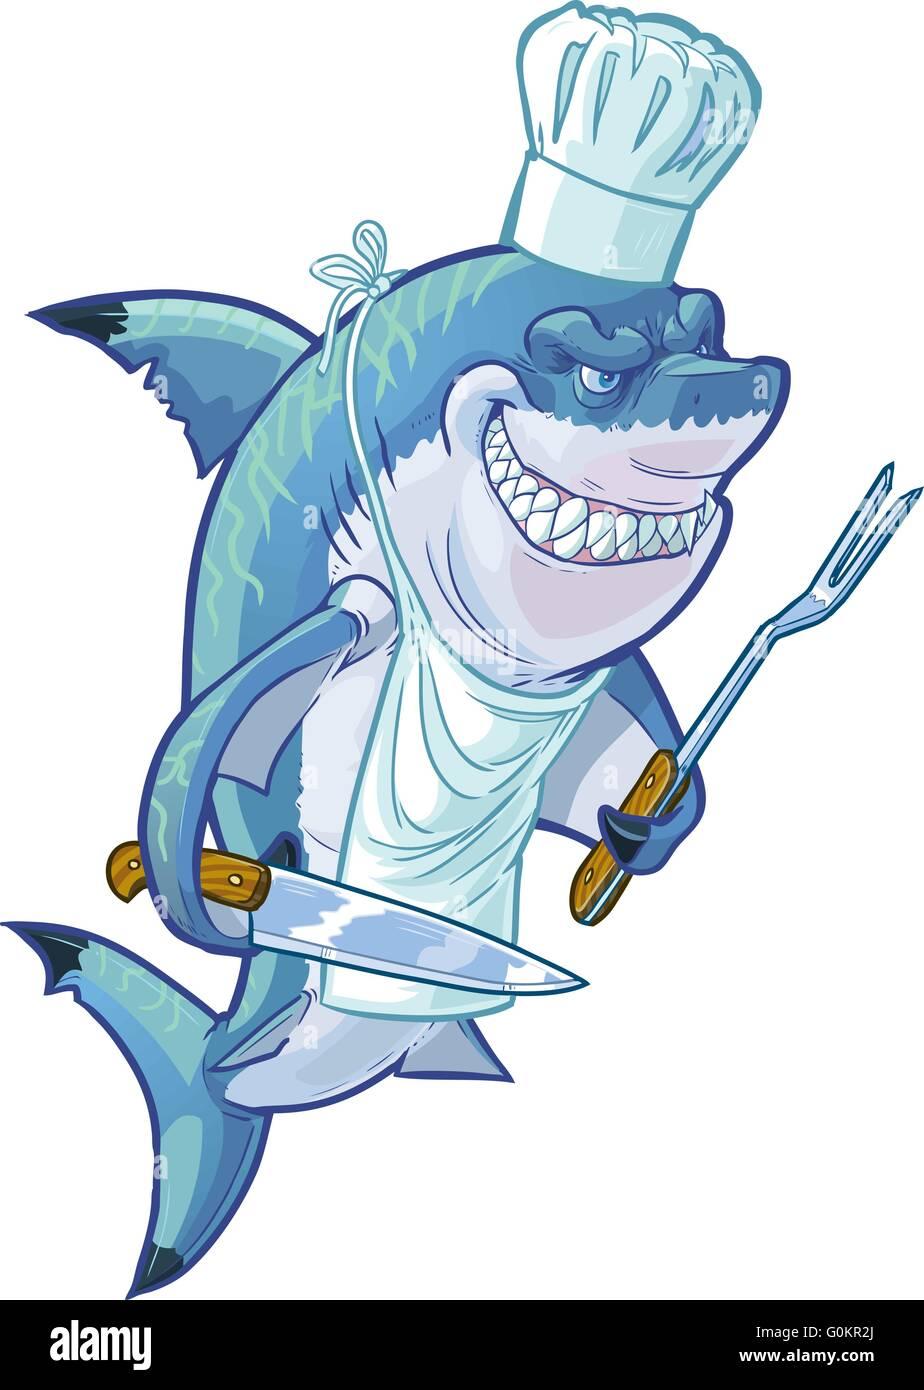 Koch bei der arbeit clipart  Vektor cartoon Clipart Illustration eines harten, smiling Shark mit ...